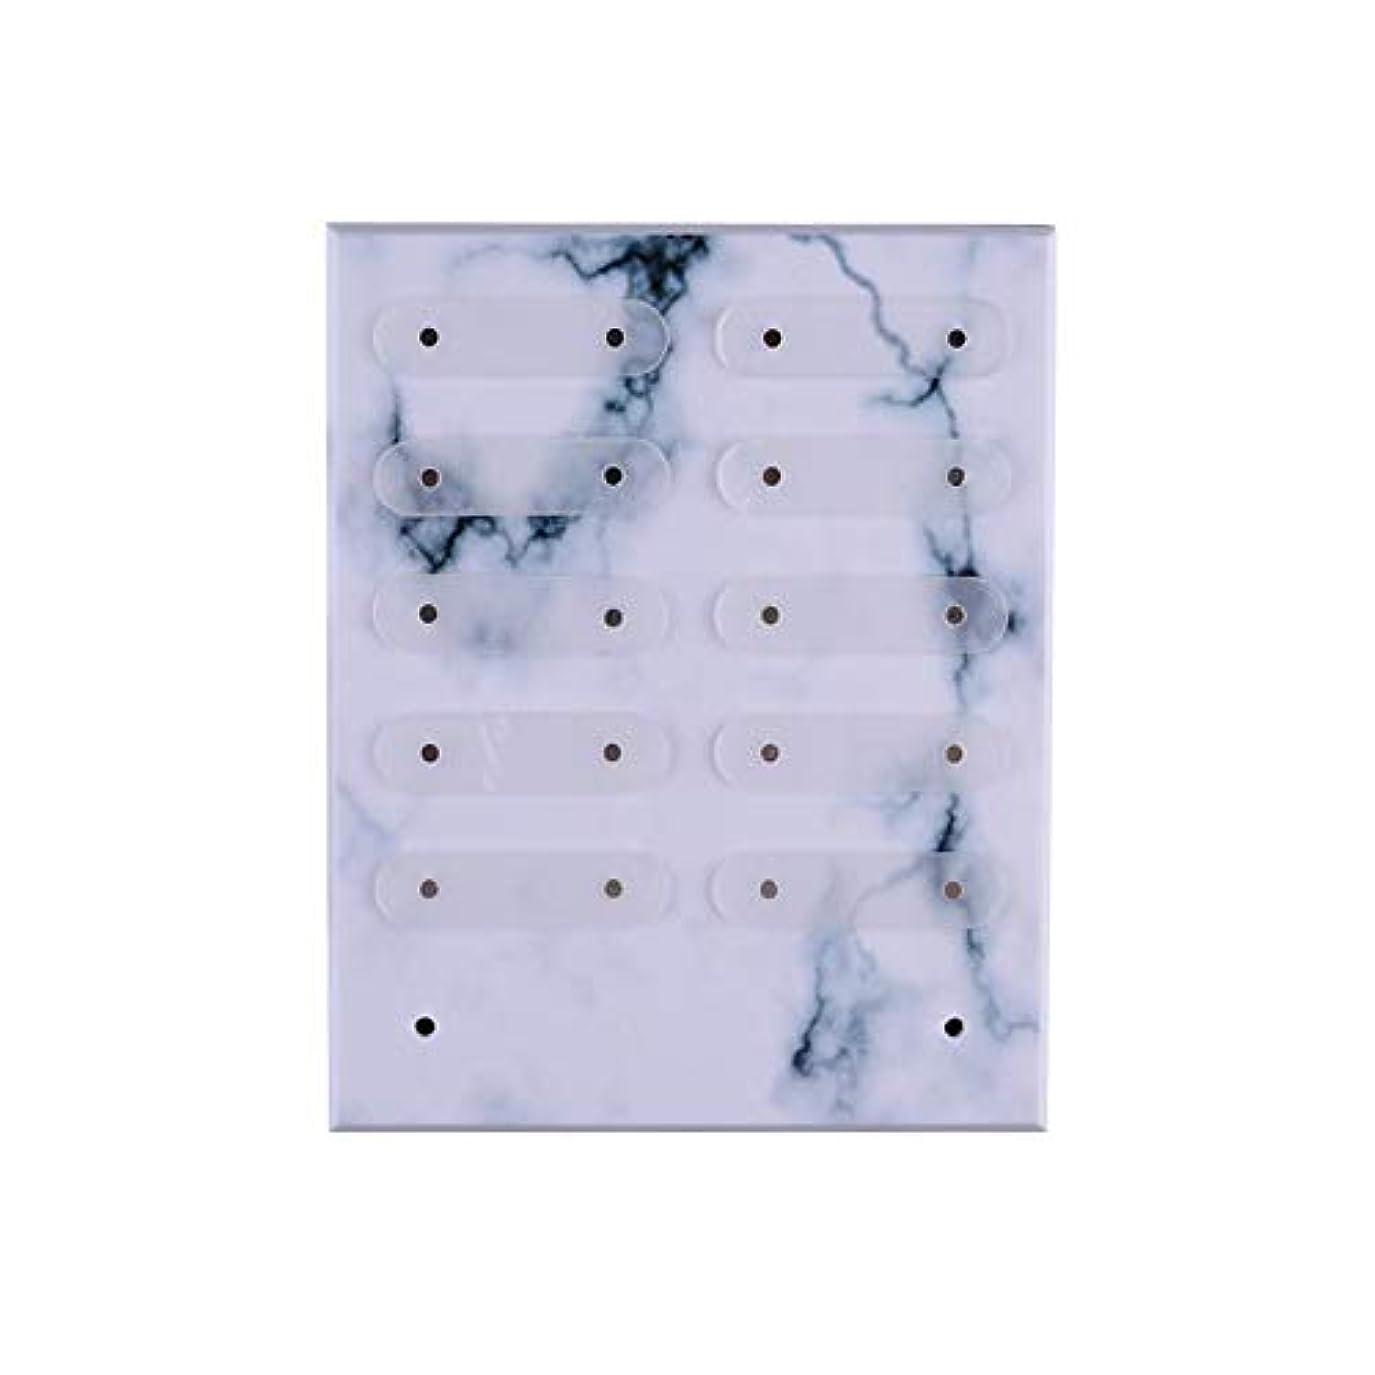 彼らのものズーム盲信Brill(ブリーオ) 三次元Magnetadsorptionネイルアートの表示には、ネイルサロン/マニキュア/ペディキュアのための適切な着脱式スタンド